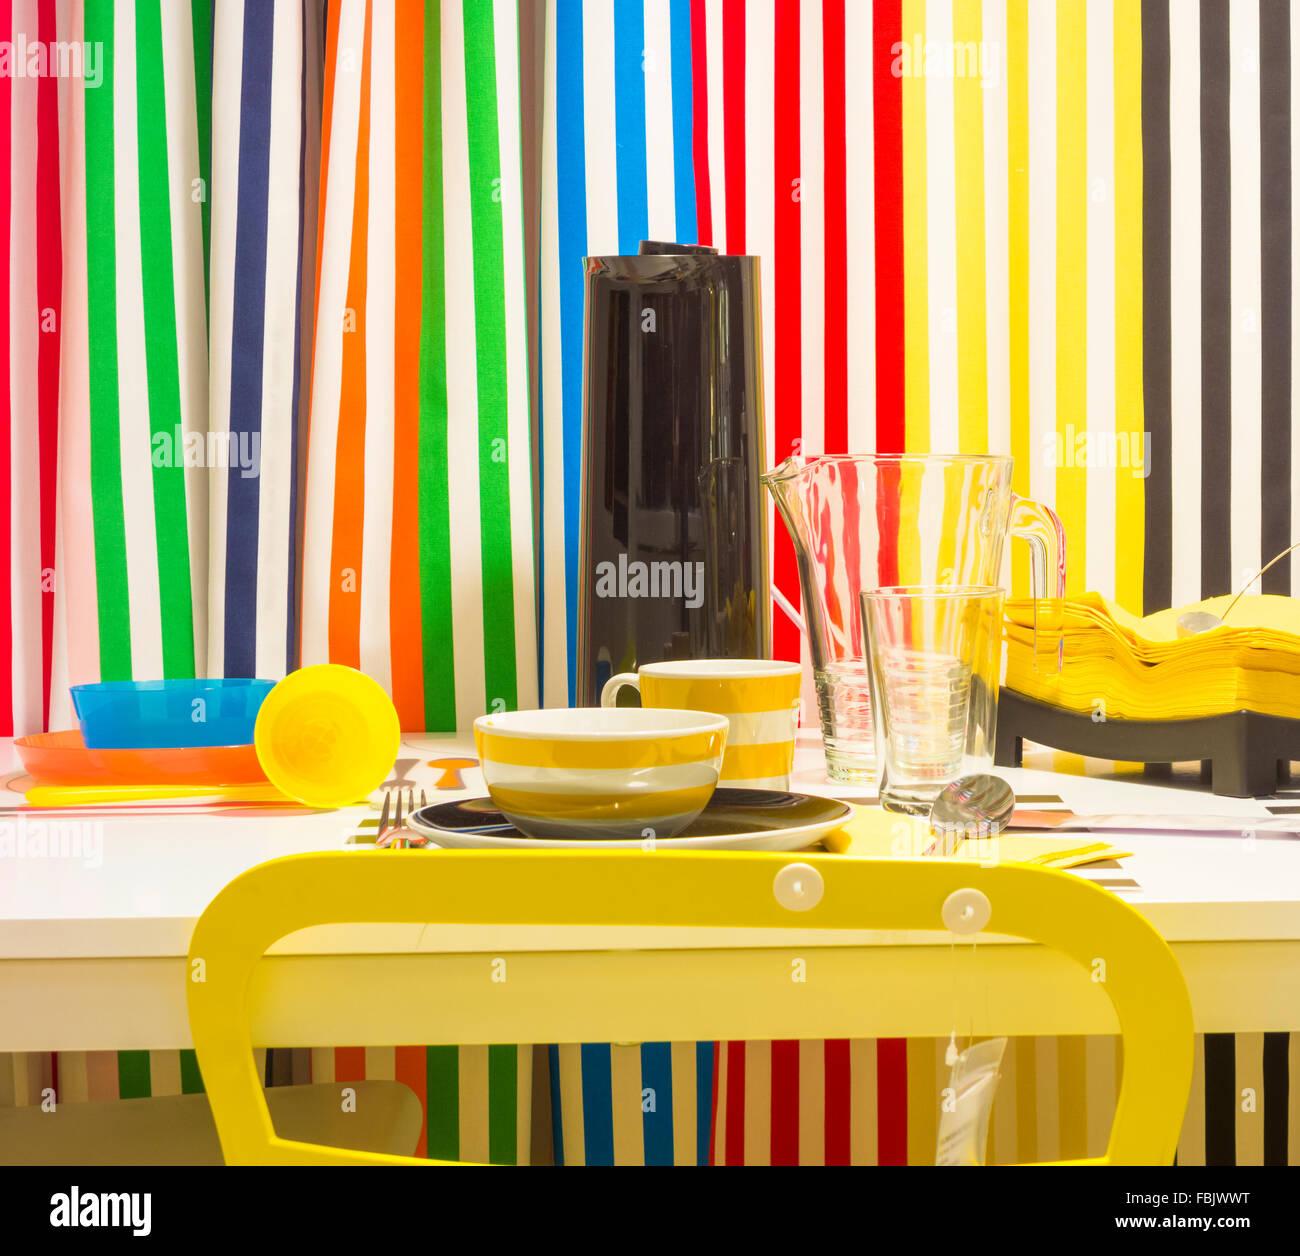 Muebles para el hogar en la tienda Ikea Foto & Imagen De Stock ...